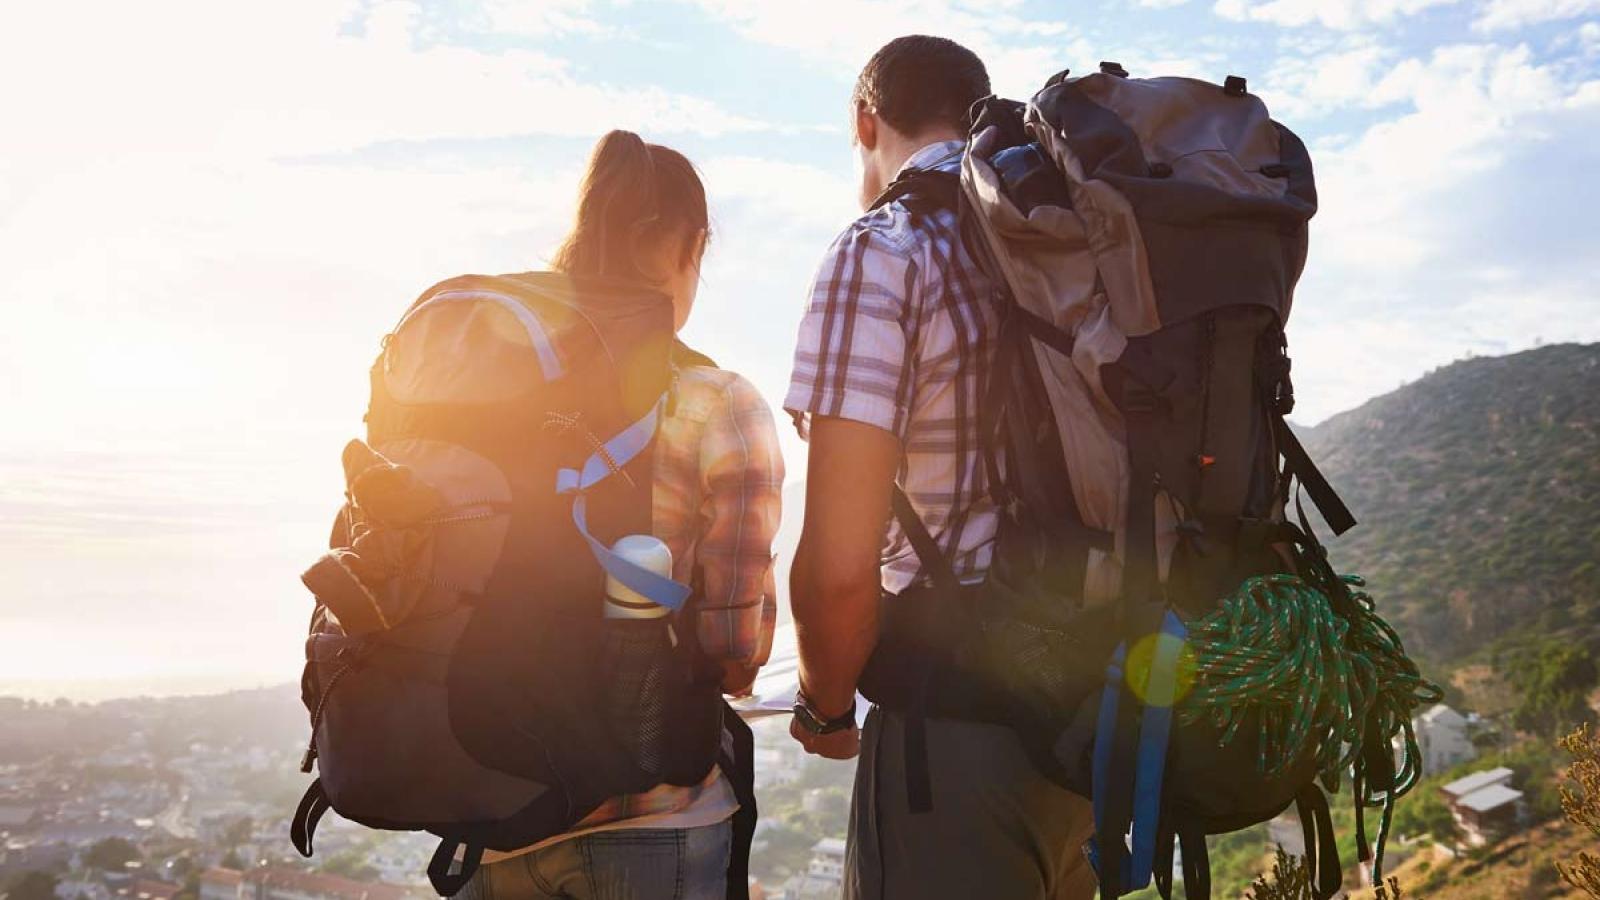 7 mẹo du lịch cùng người yêu để mọi thứ diễn ra suôn sẻ